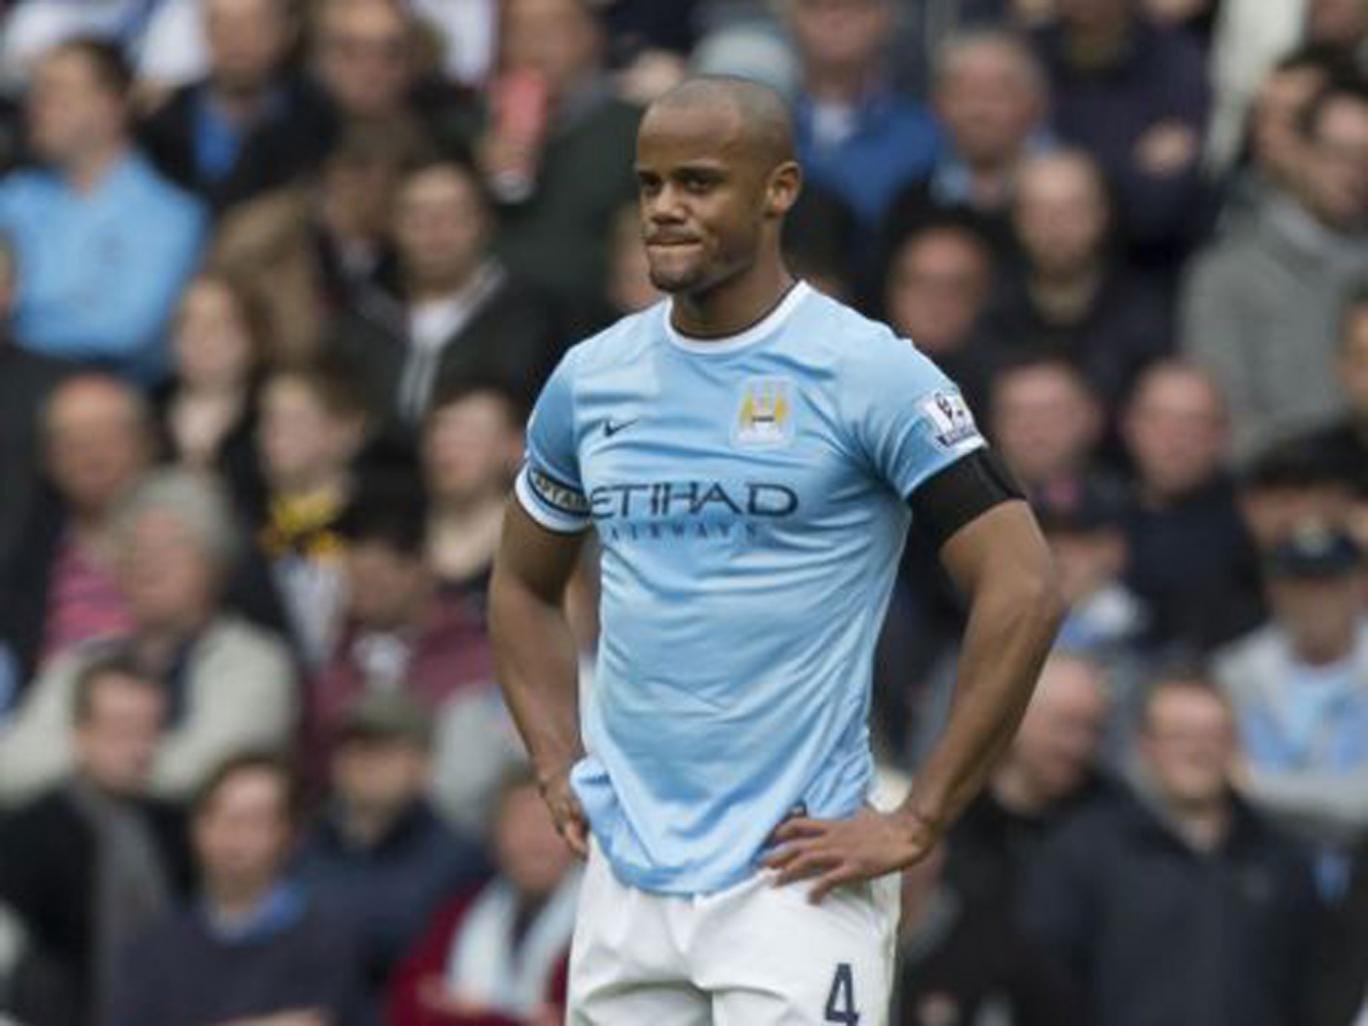 City defender Vincent Kompany